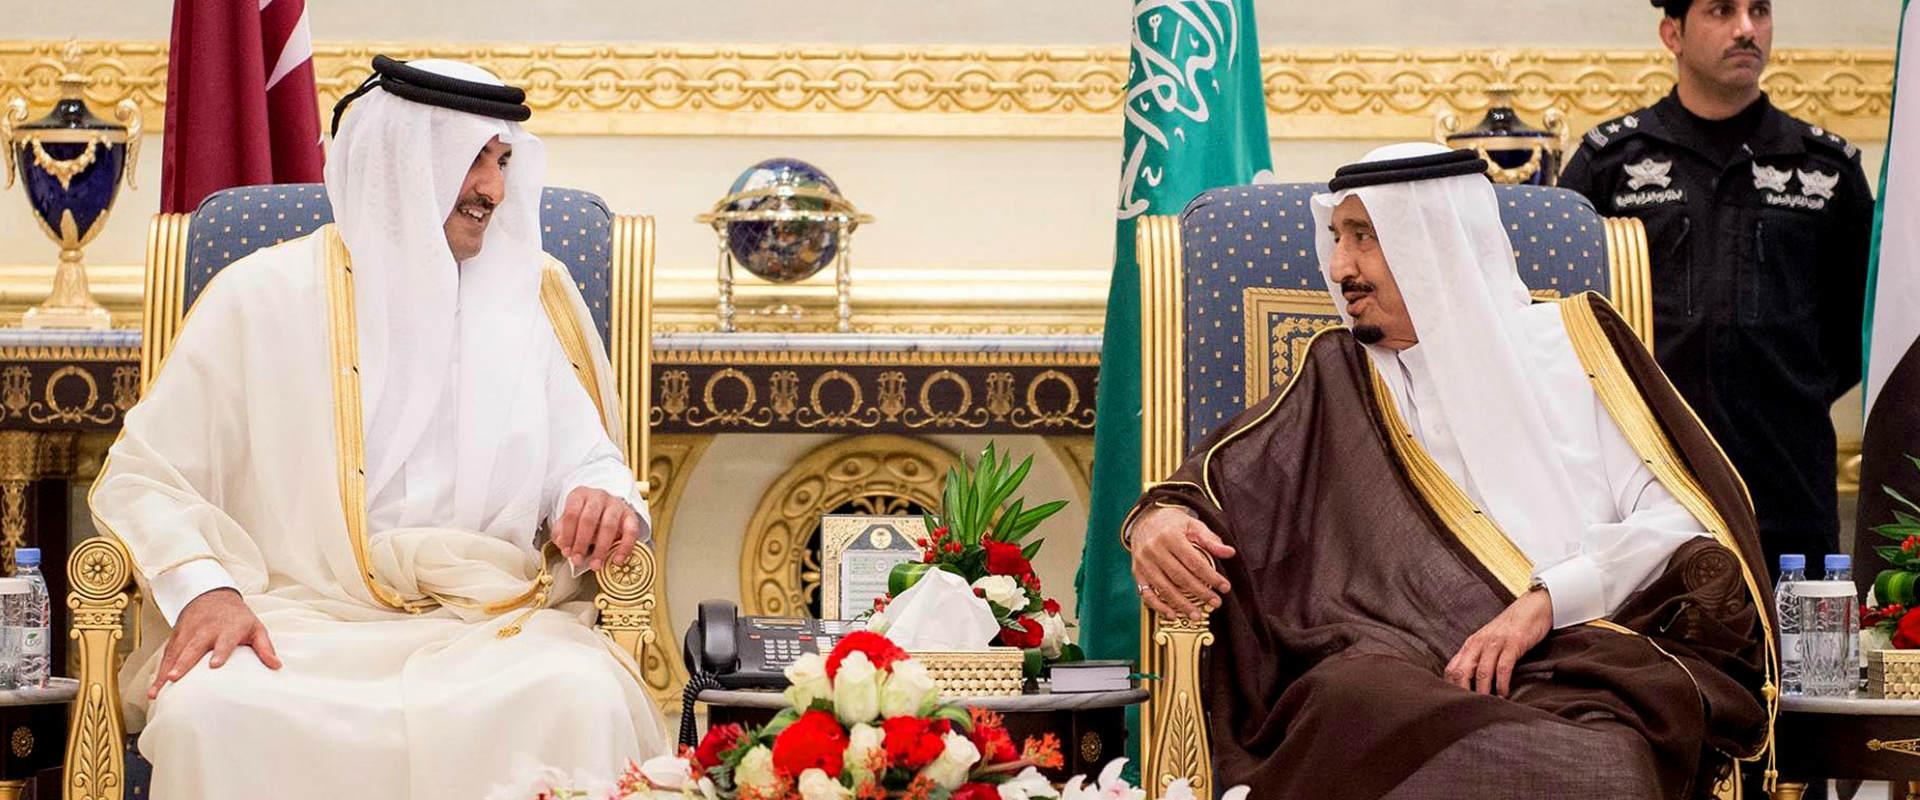 סלמאן, מלך ערב הסעודית (ימין), לצד אמיר קטר, שייח'